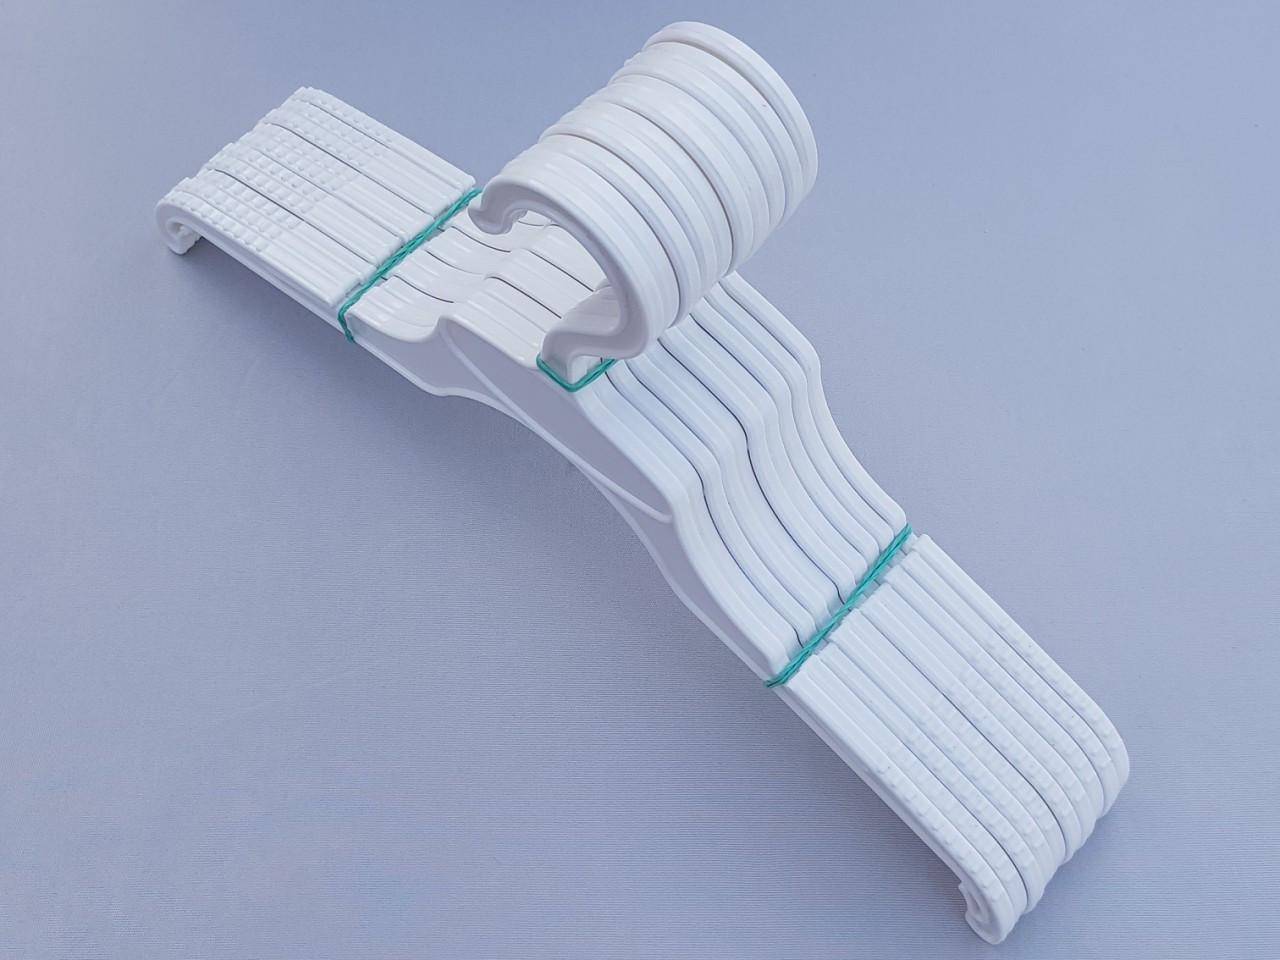 Плечики детские пластмассовые V-V33 белого цвета, длина 33 см, 10 штук в упаковке